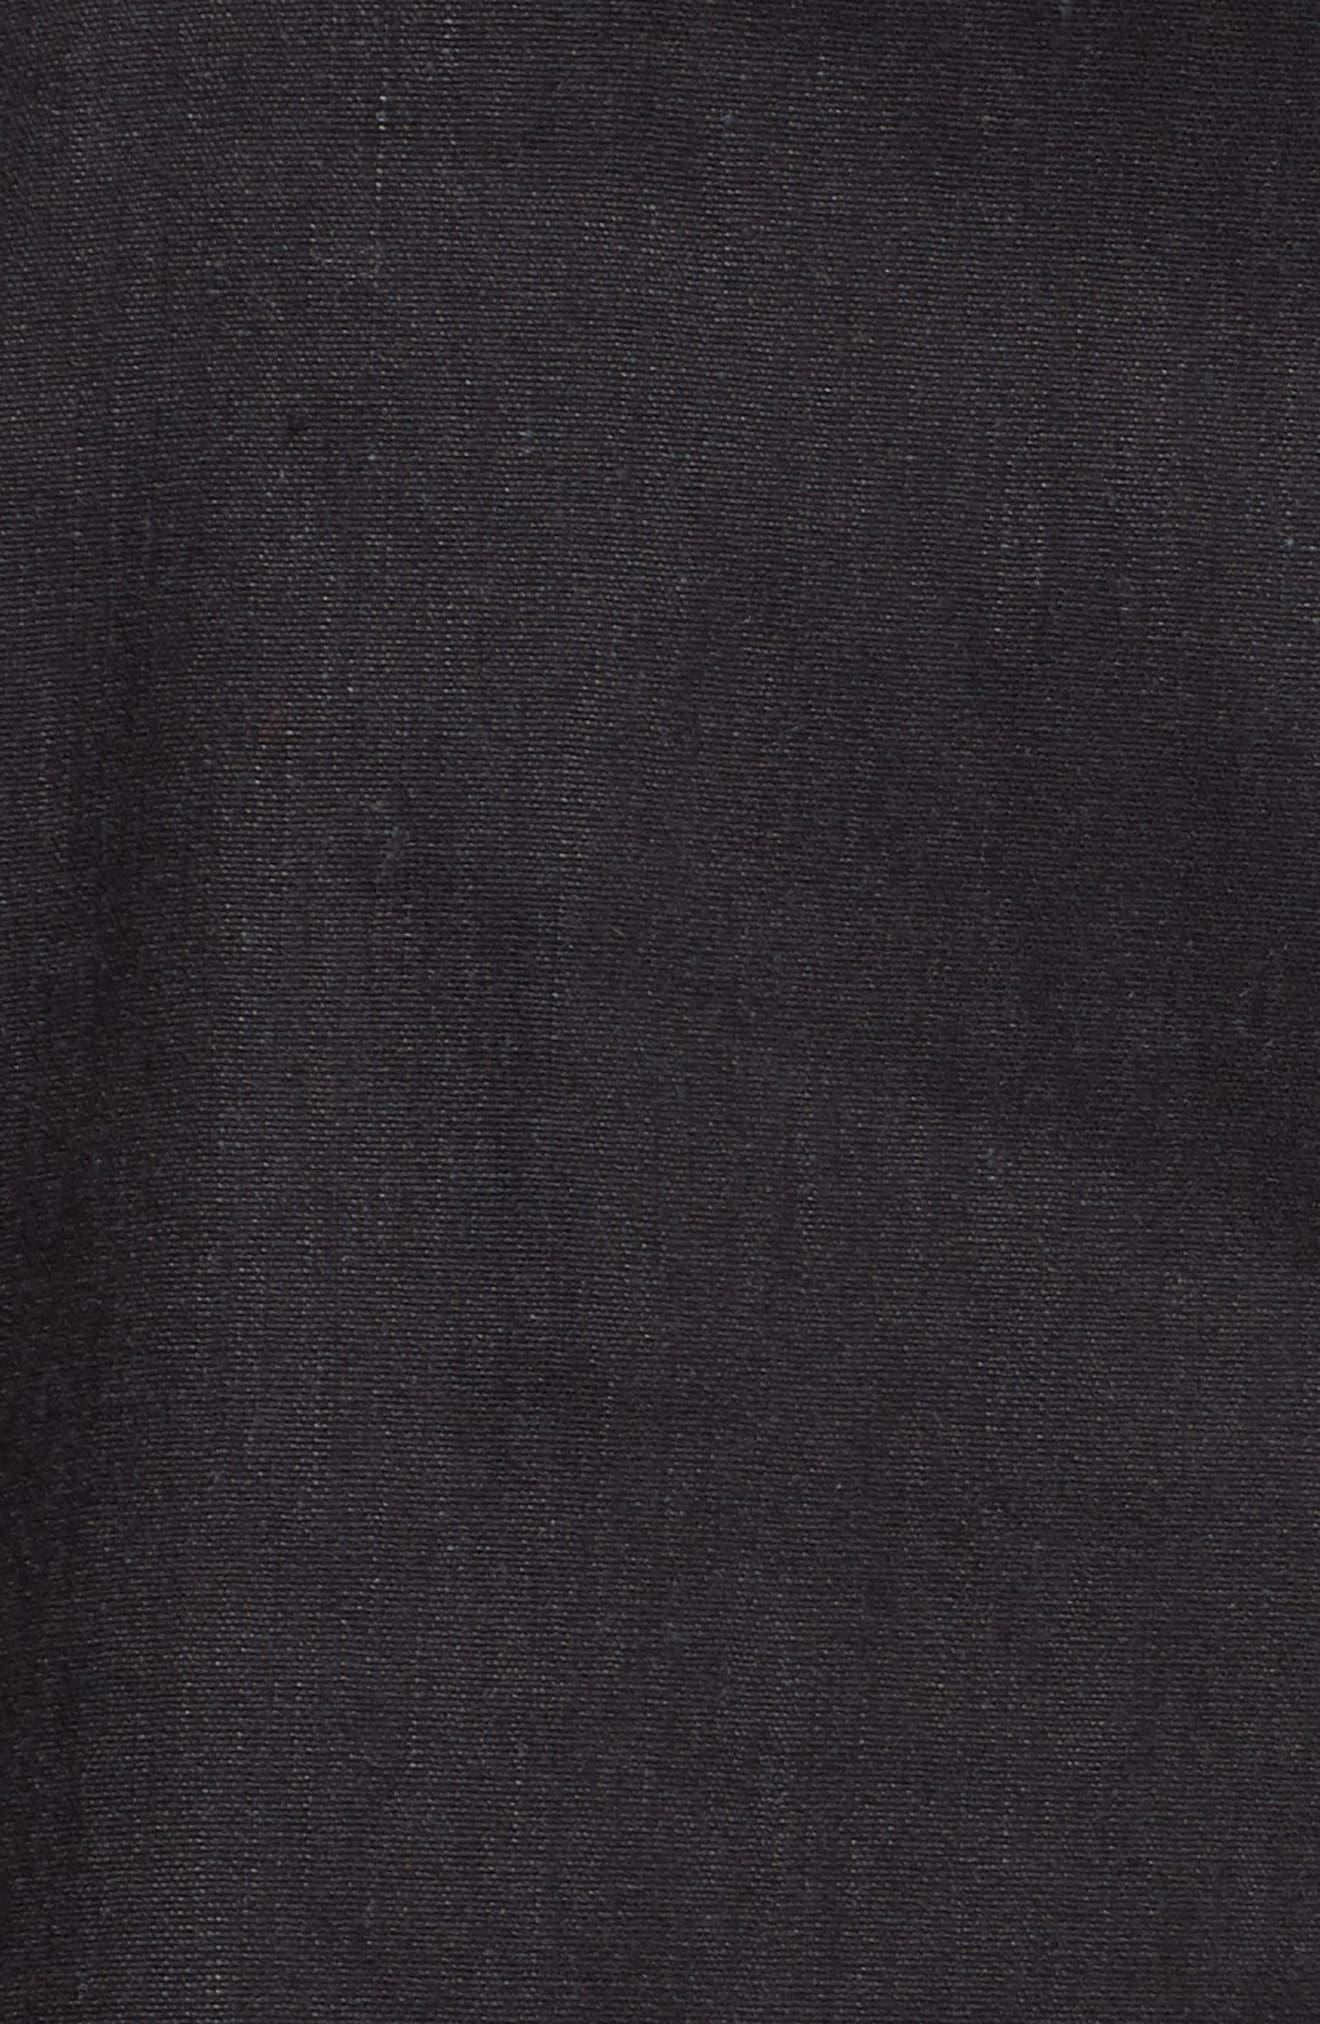 High Waist Linen Blend Shorts,                             Alternate thumbnail 5, color,                             001